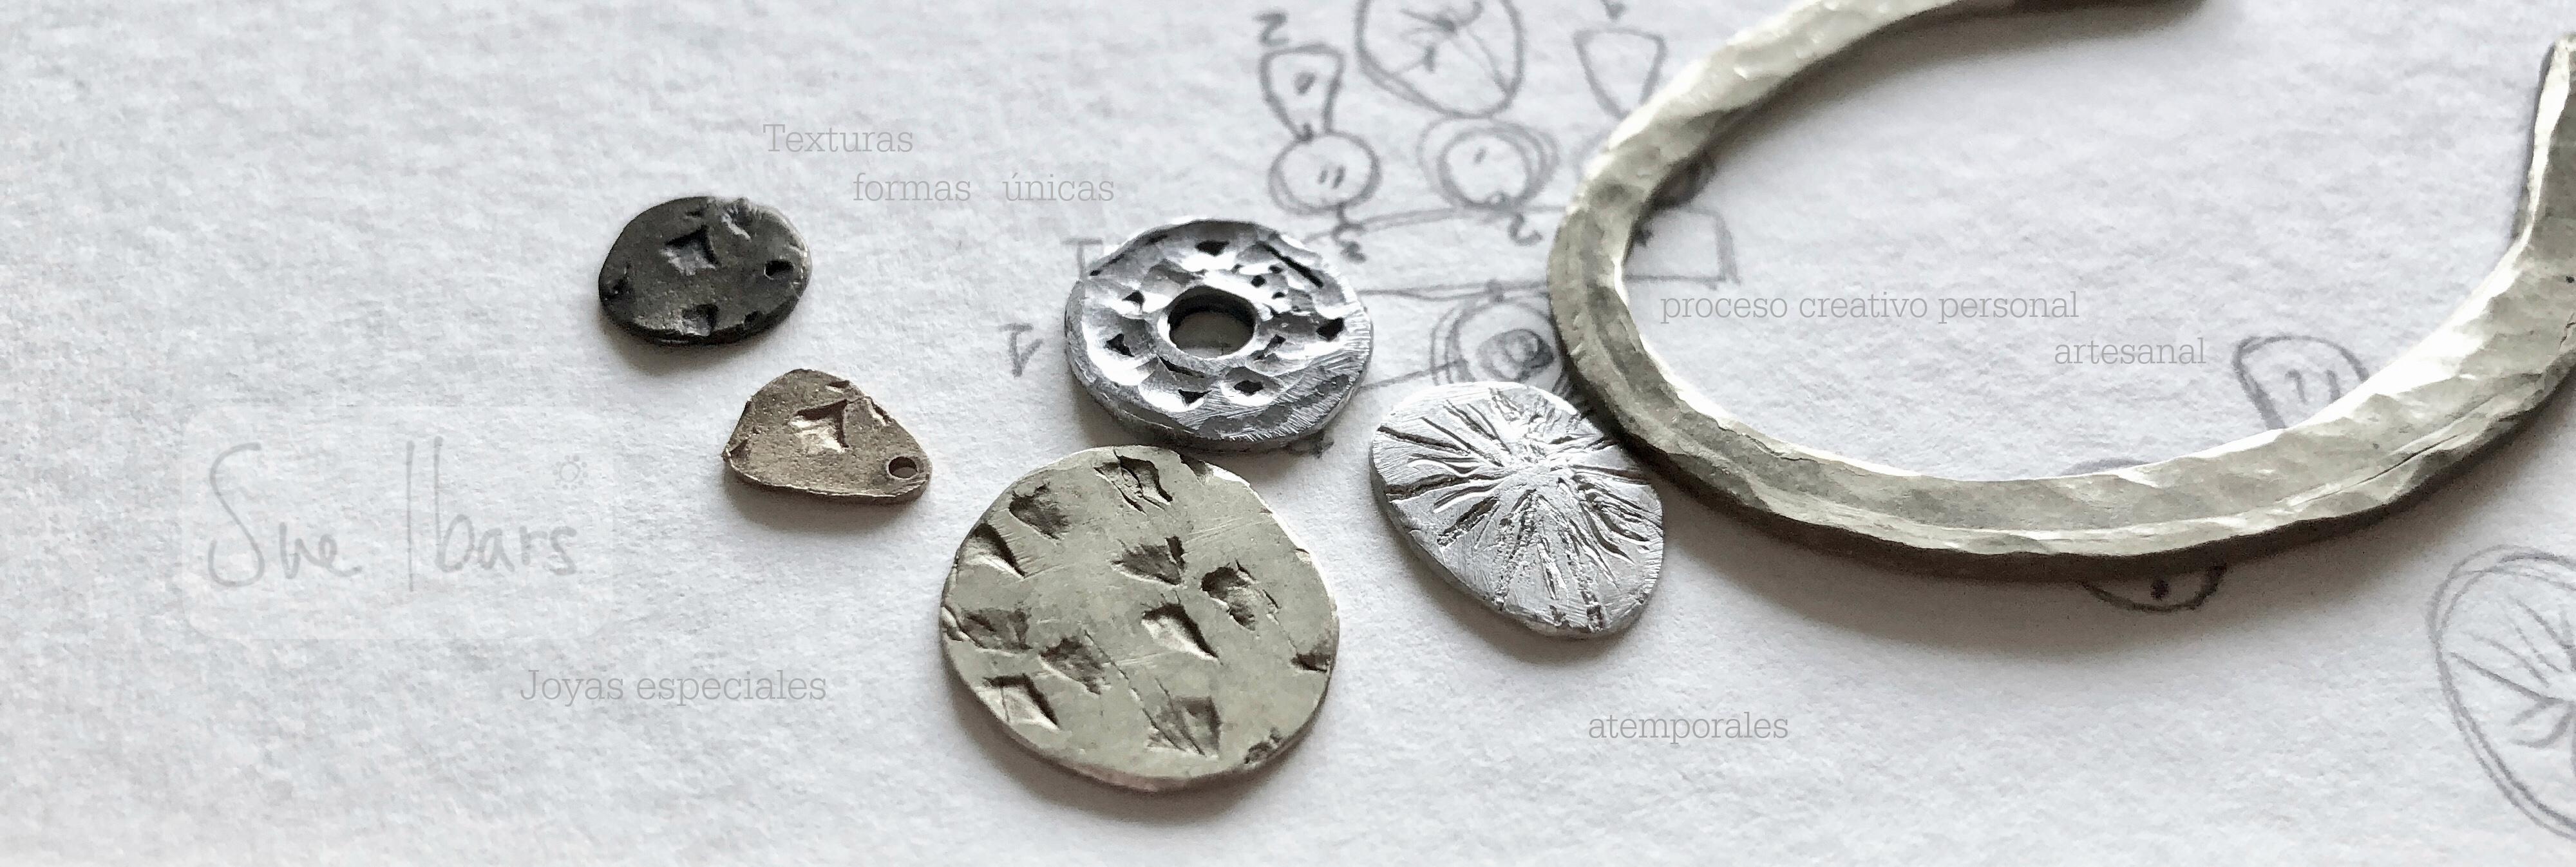 Joyas de plata de autor